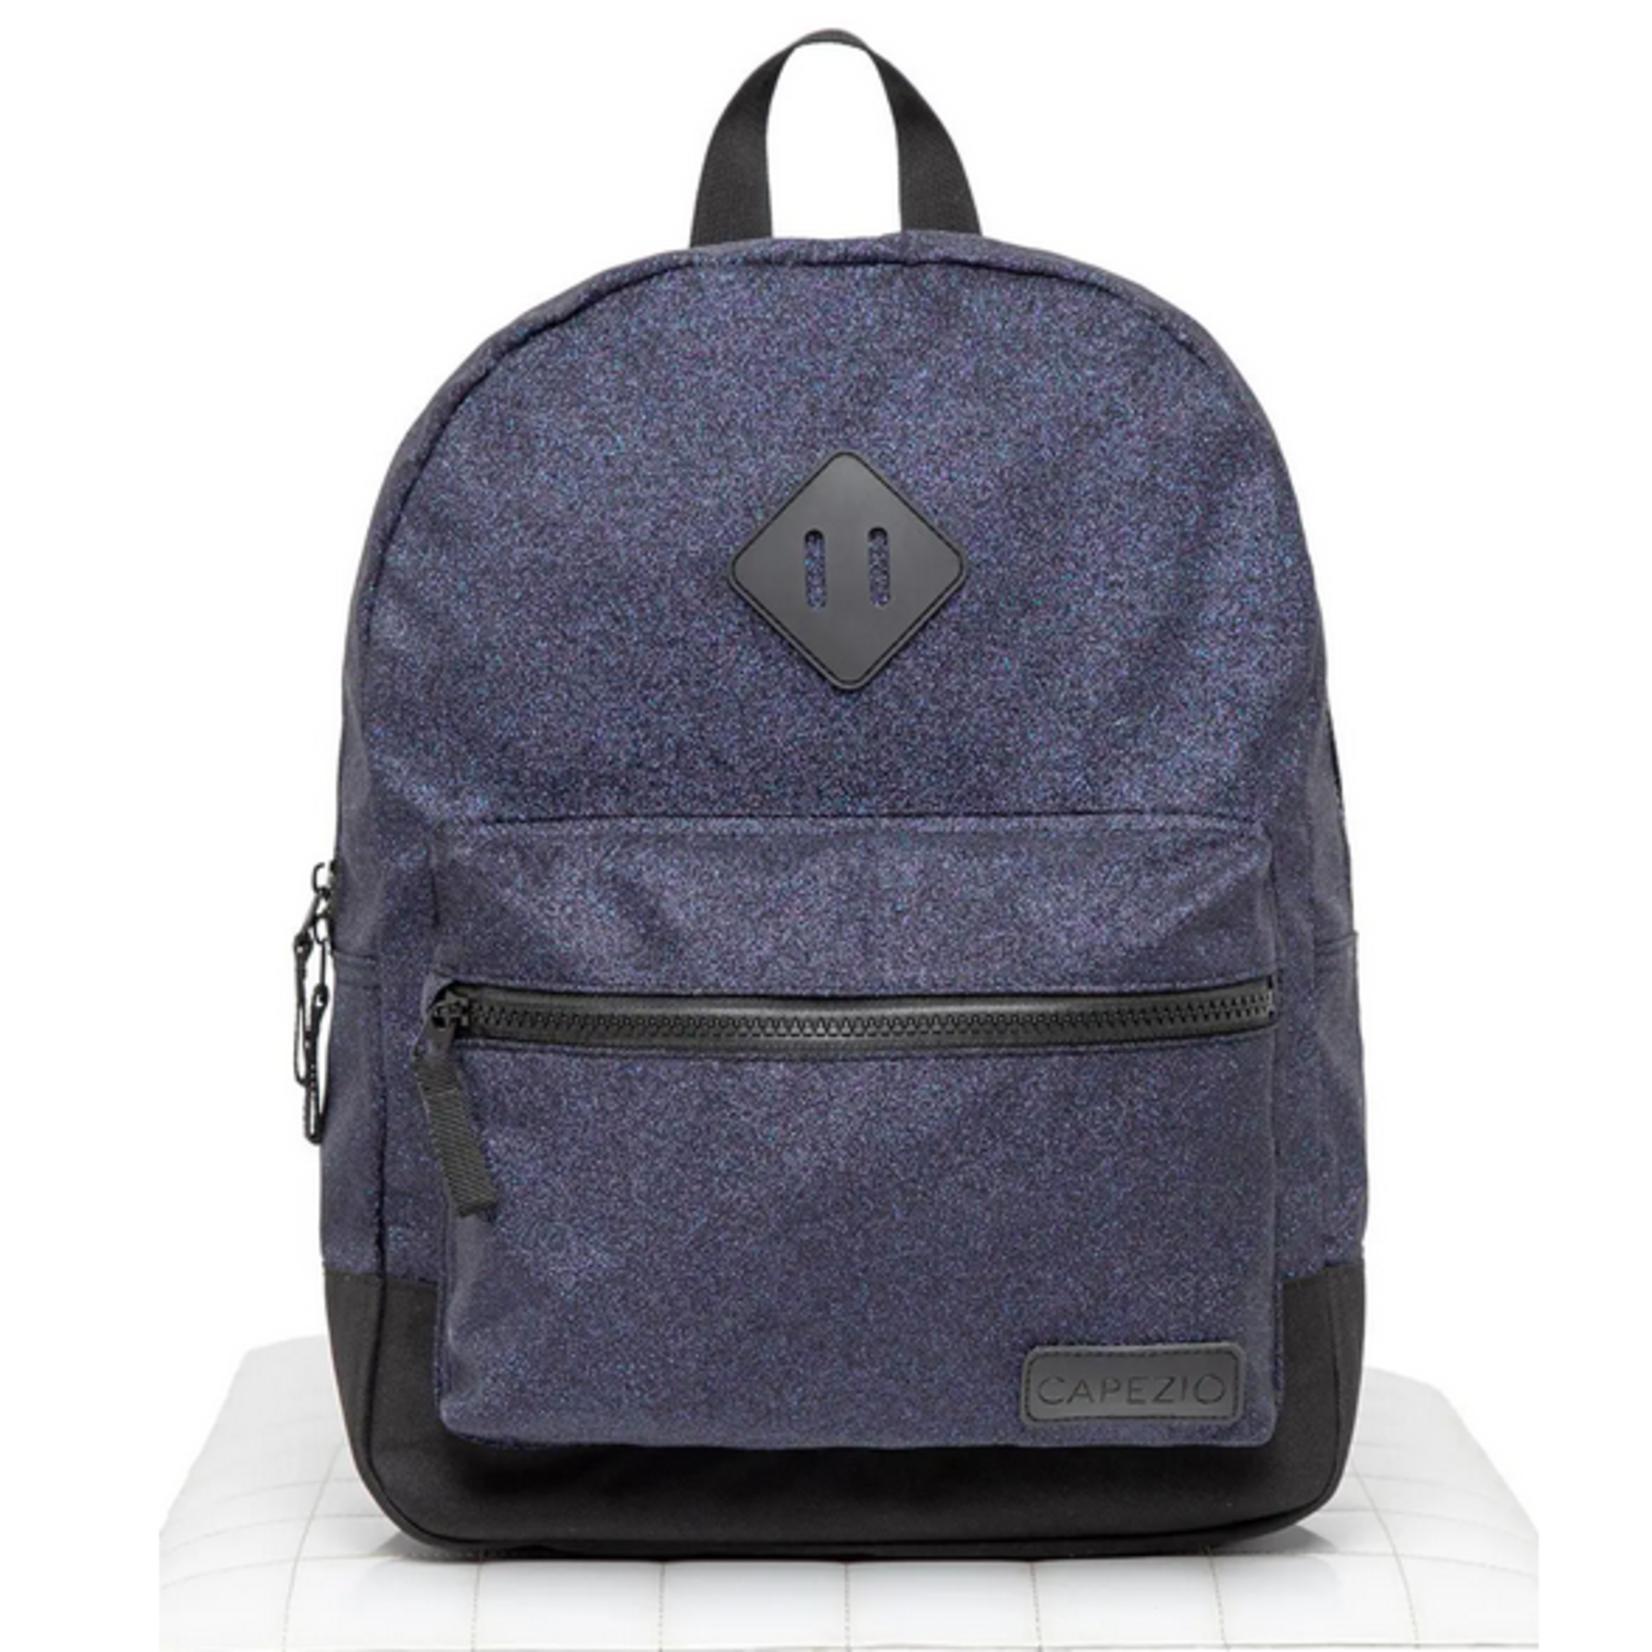 Capezio Capezio B212 Shimmer Backpack